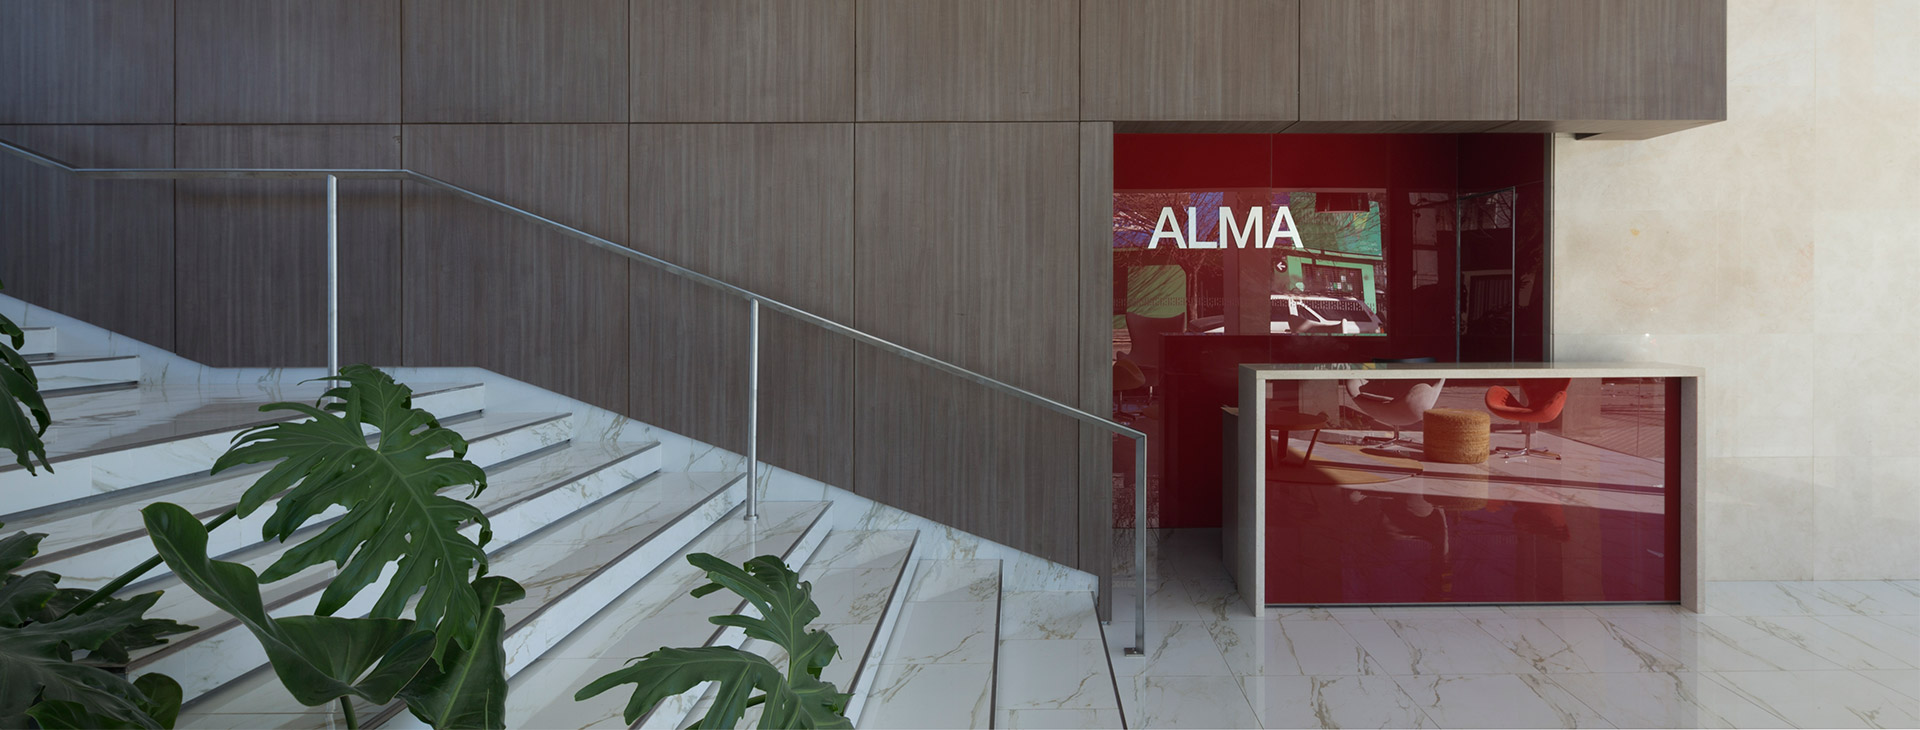 Alma - Galeria de Fotos